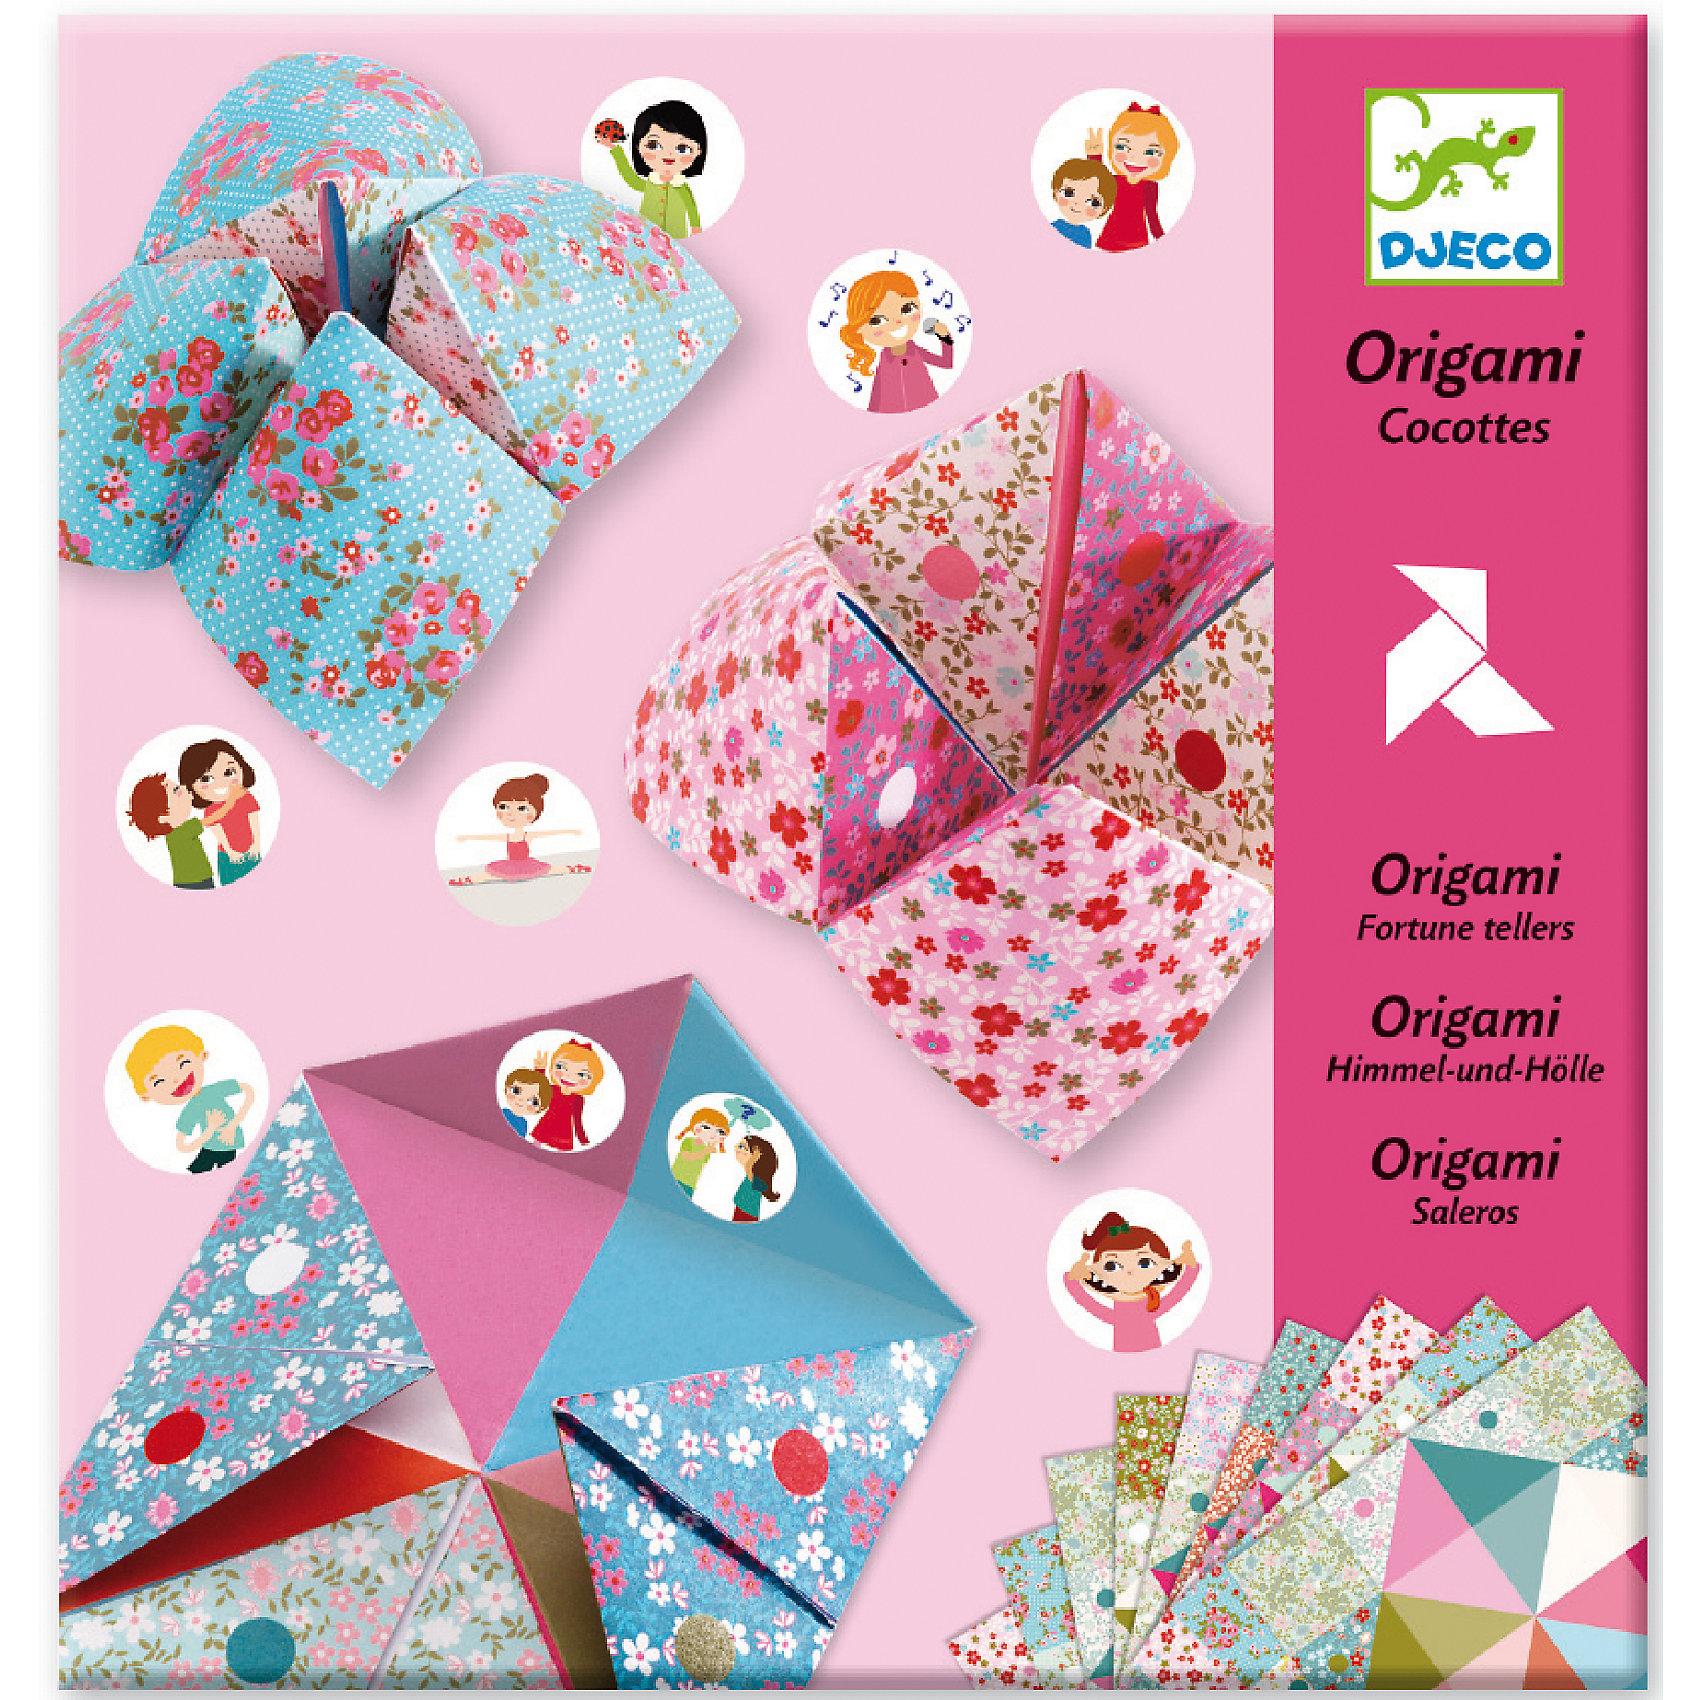 Оригами с фантамиРукоделие<br>Творческий набор оригами с фантами – это не только классическое творческое занятие, но и увлекательное и веселое времяпрепровождение для девочек. Сложив конвертики из декоративной разноцветной бумаги без использования ножниц и клея, и наклеив на внутреннюю сторону наклейки с изображениями различных действий, можно поиграть в фанты со своими подружками. С помощью красочной инструкции ребенок может сложить 6 различных птиц. Занятие оригами развивает моторику рук, творческое и пространственное мышление. В комплекте: 24 листа бумаги для оригами, 3 листа наклеек. Для детей 6-11 лет. Размер упаковки: 22 х 23 см.<br><br>Оригами с фантами можно купить в нашем магазине.<br><br>Ширина мм: 220<br>Глубина мм: 230<br>Высота мм: 10<br>Вес г: 190<br>Возраст от месяцев: 72<br>Возраст до месяцев: 132<br>Пол: Женский<br>Возраст: Детский<br>SKU: 4783850